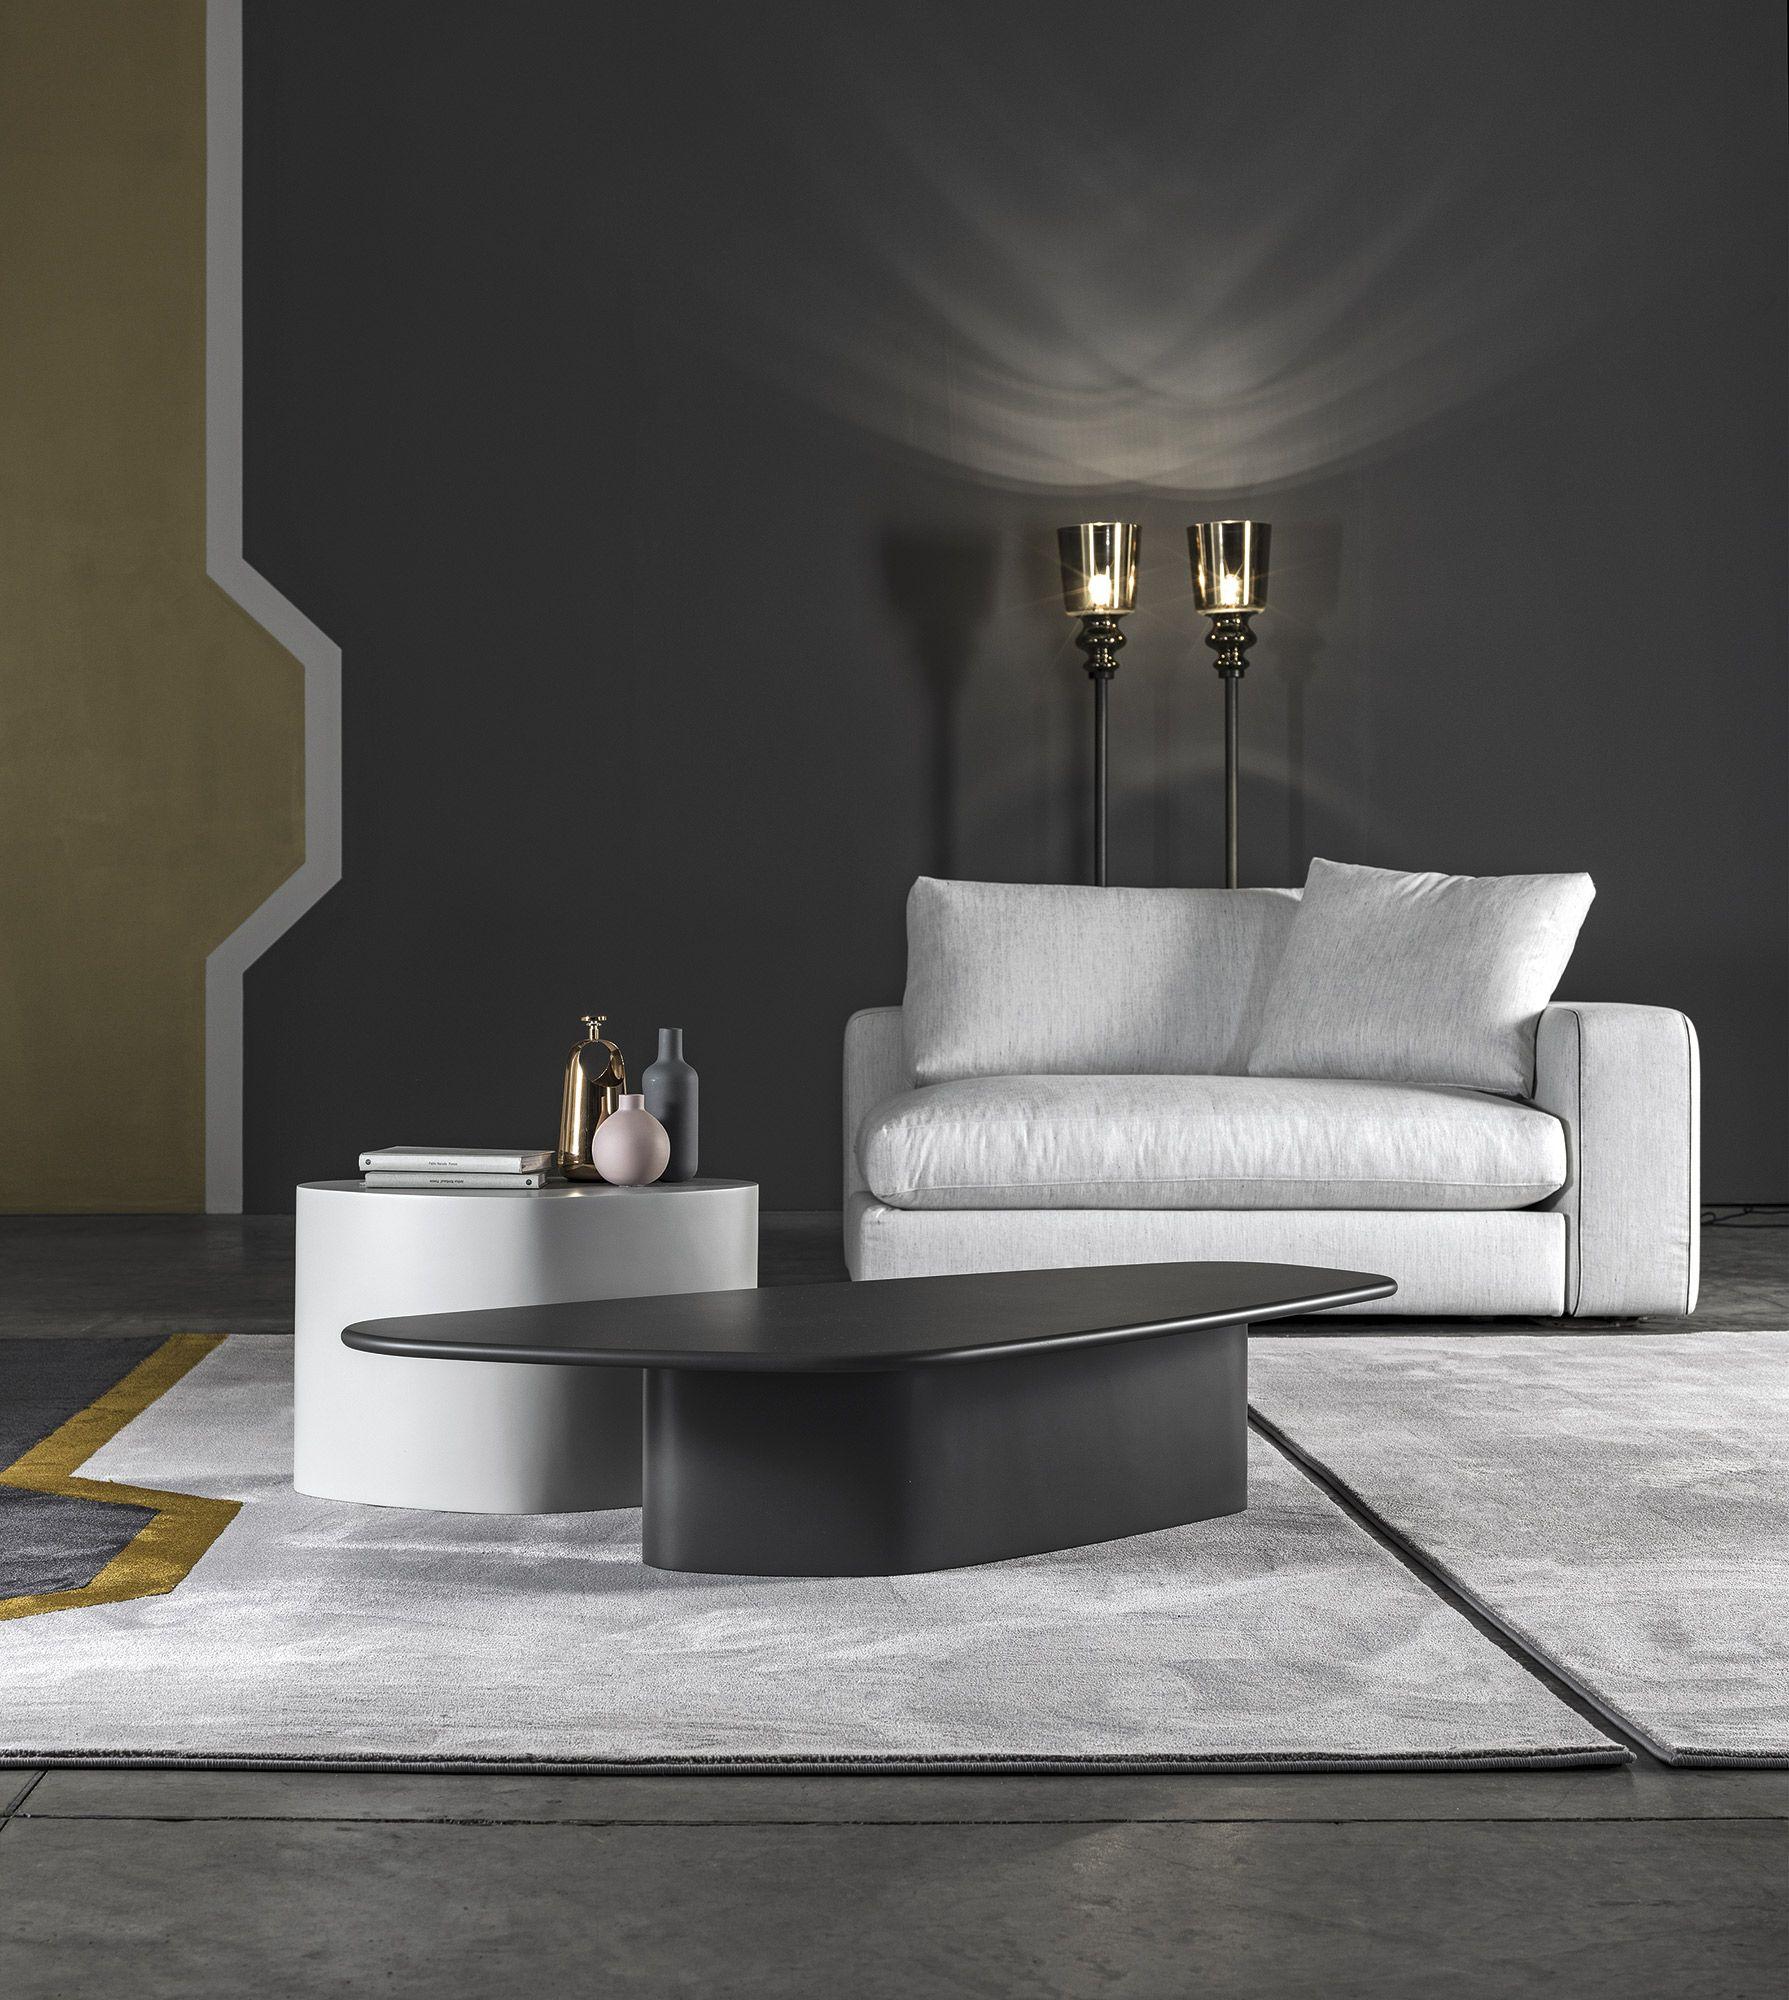 Divani Su Misura Milano pin di david hoo su coffee table nel 2020 | arredamento d